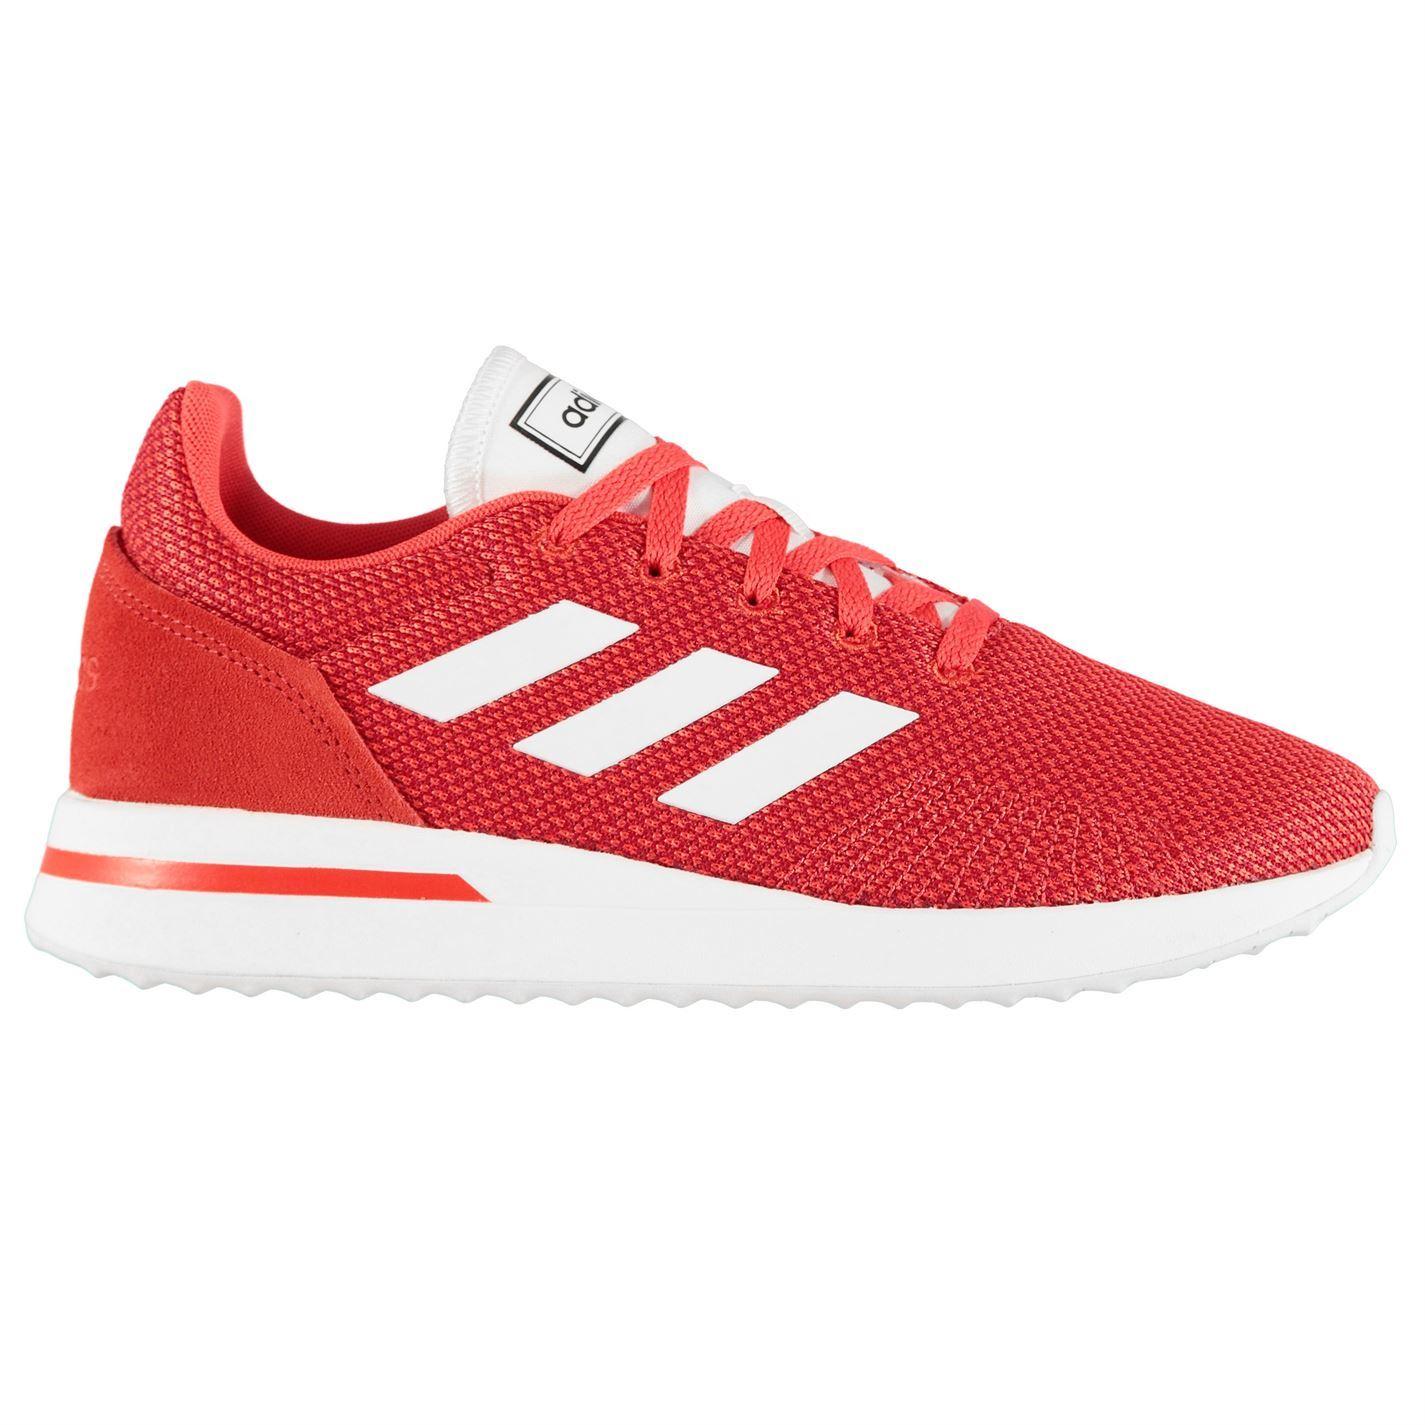 newest collection 40e09 760c0 Dettagli su Adidas Run 70s Running Shoes Uomo Scarpe da Ginnastica Fitness